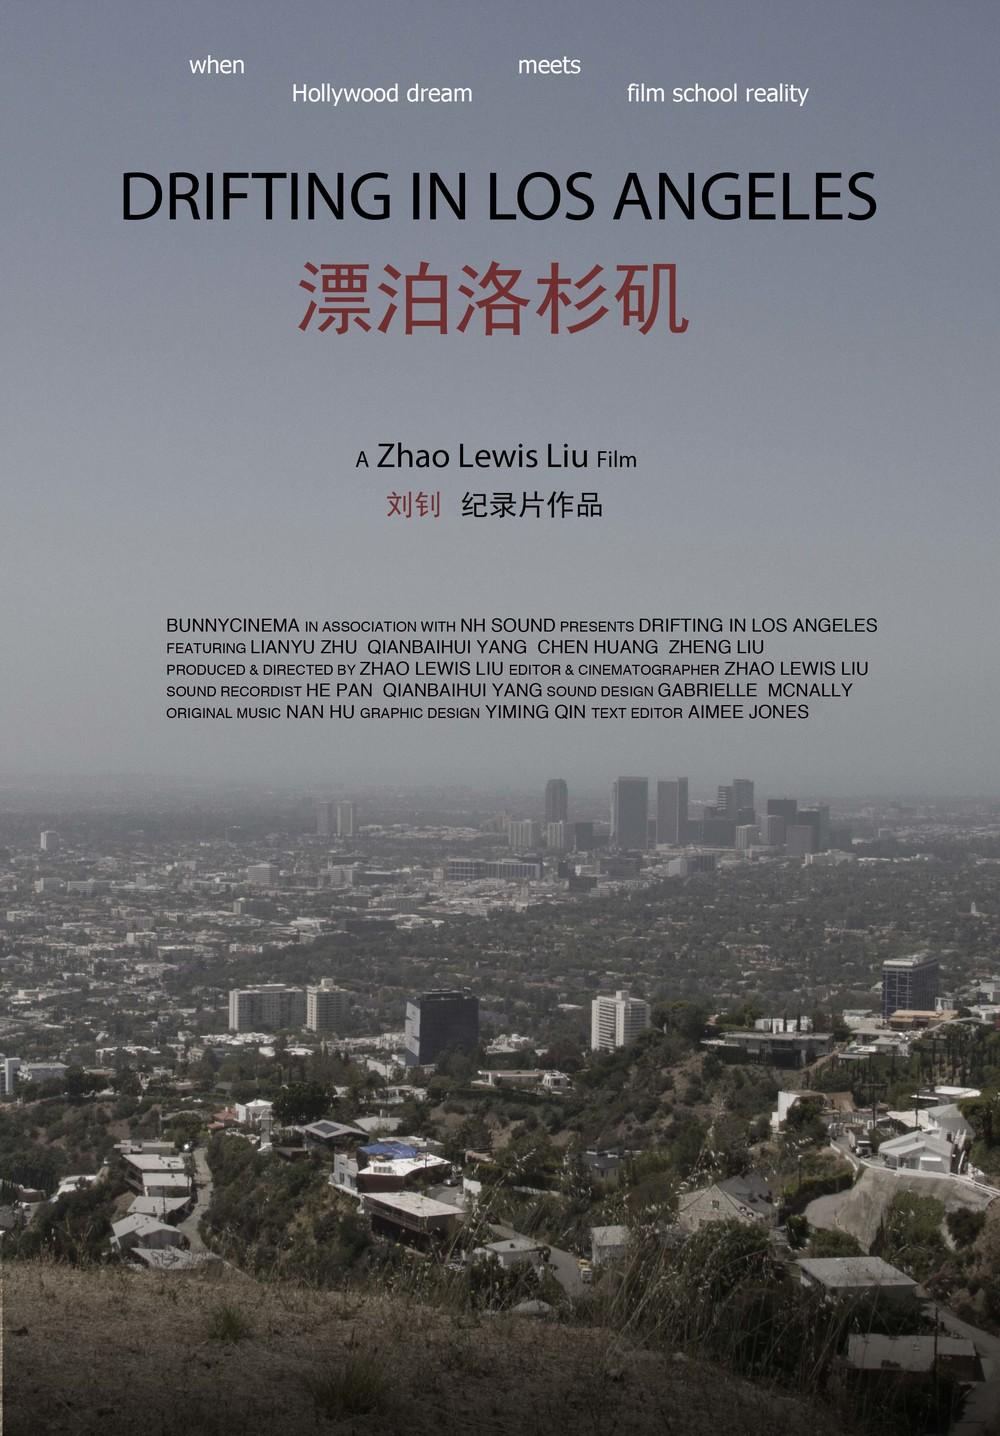 漂泊洛杉矶海报.jpg